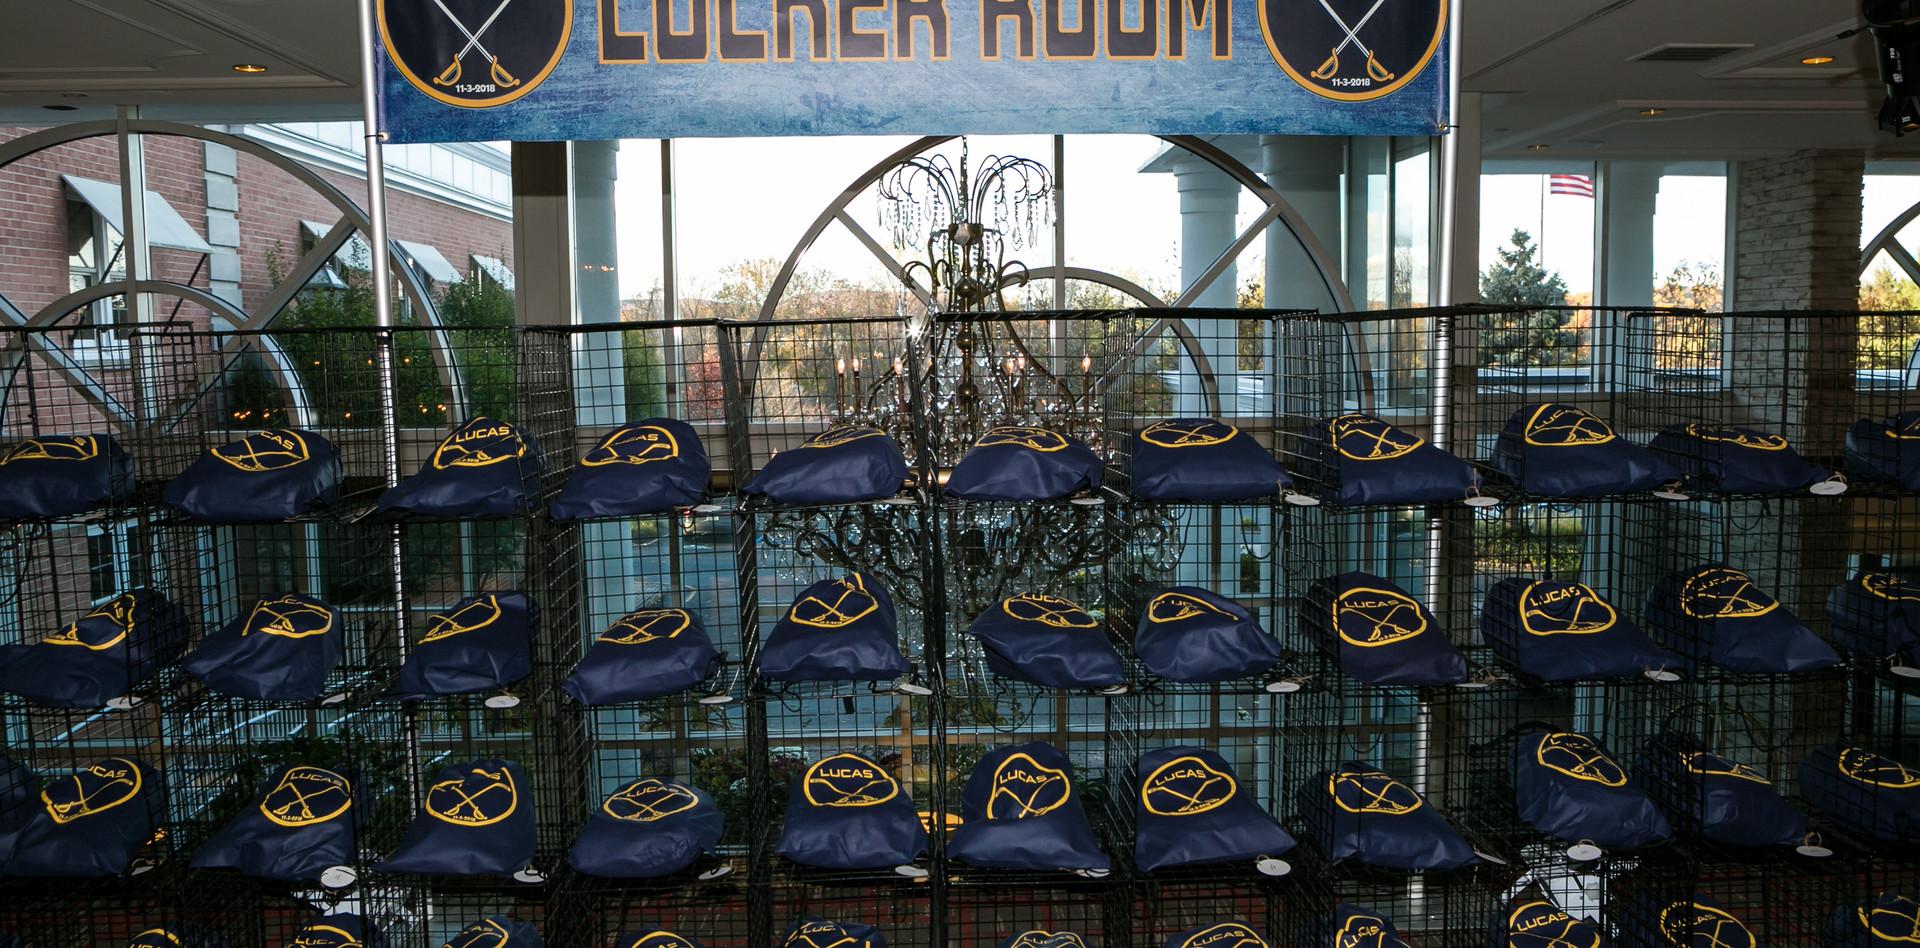 cubbies locker room.JPG